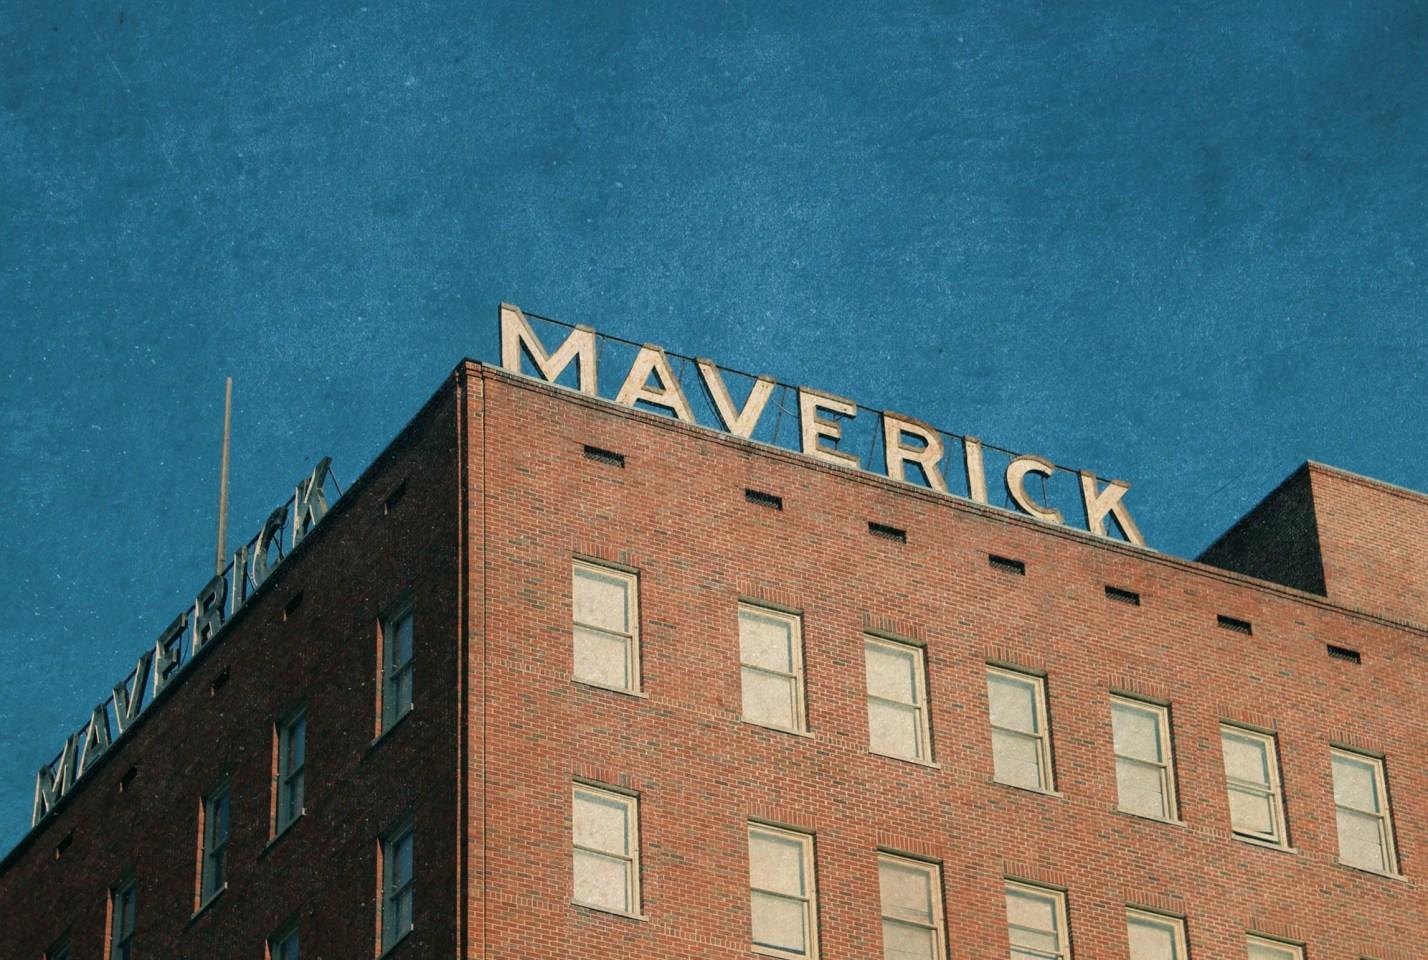 Maverick Apts